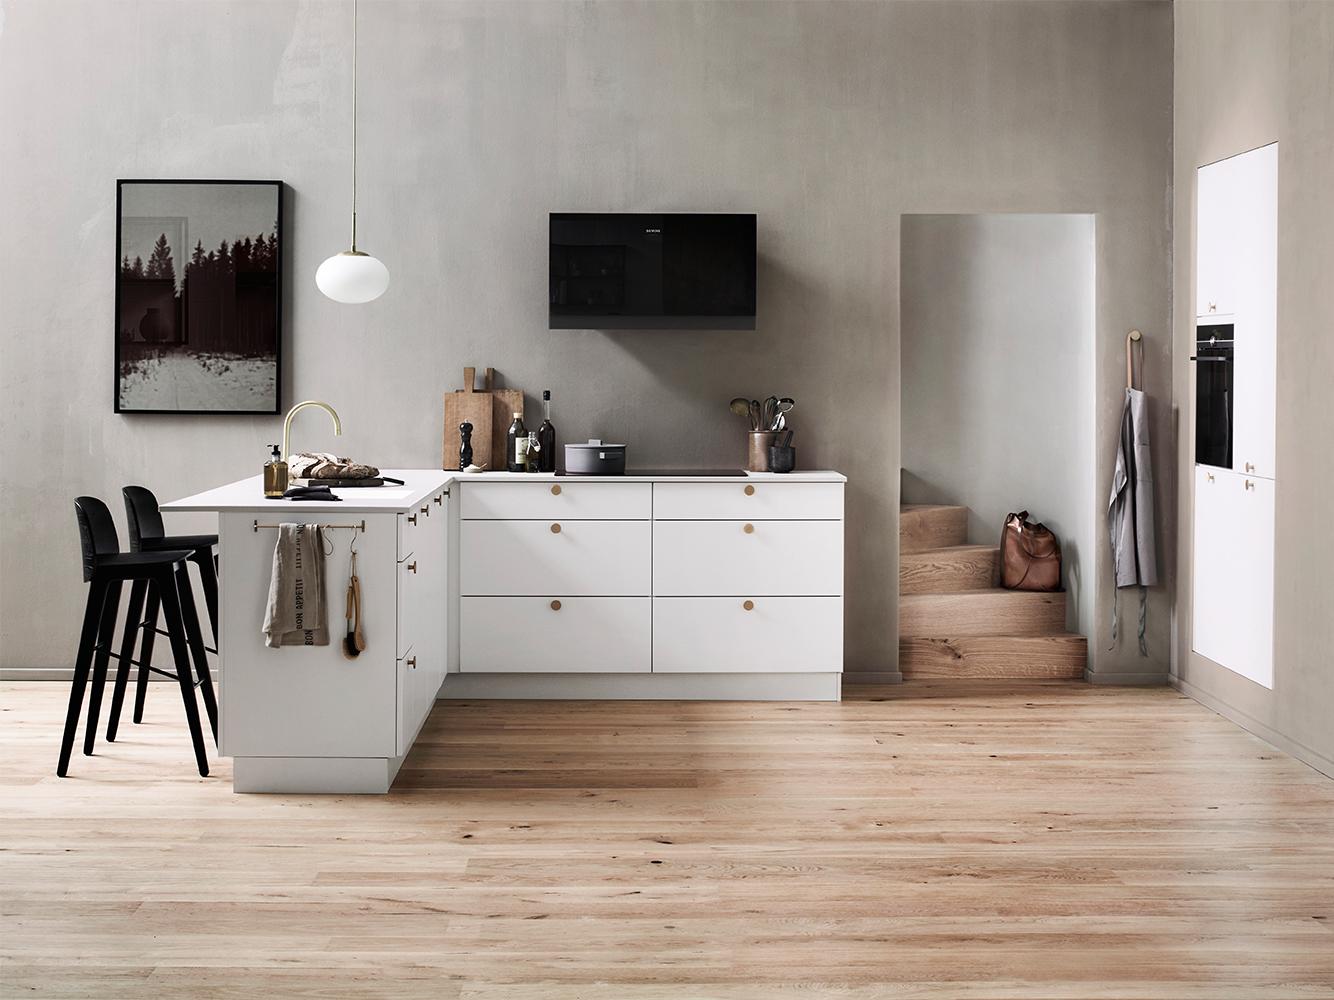 De Veda keuken van Kvik is een klassieke witte keuken waarvan je de uitstraling eenvoudig kunt veranderen, zodat je je persoonlijke stijl kunt laten zien.